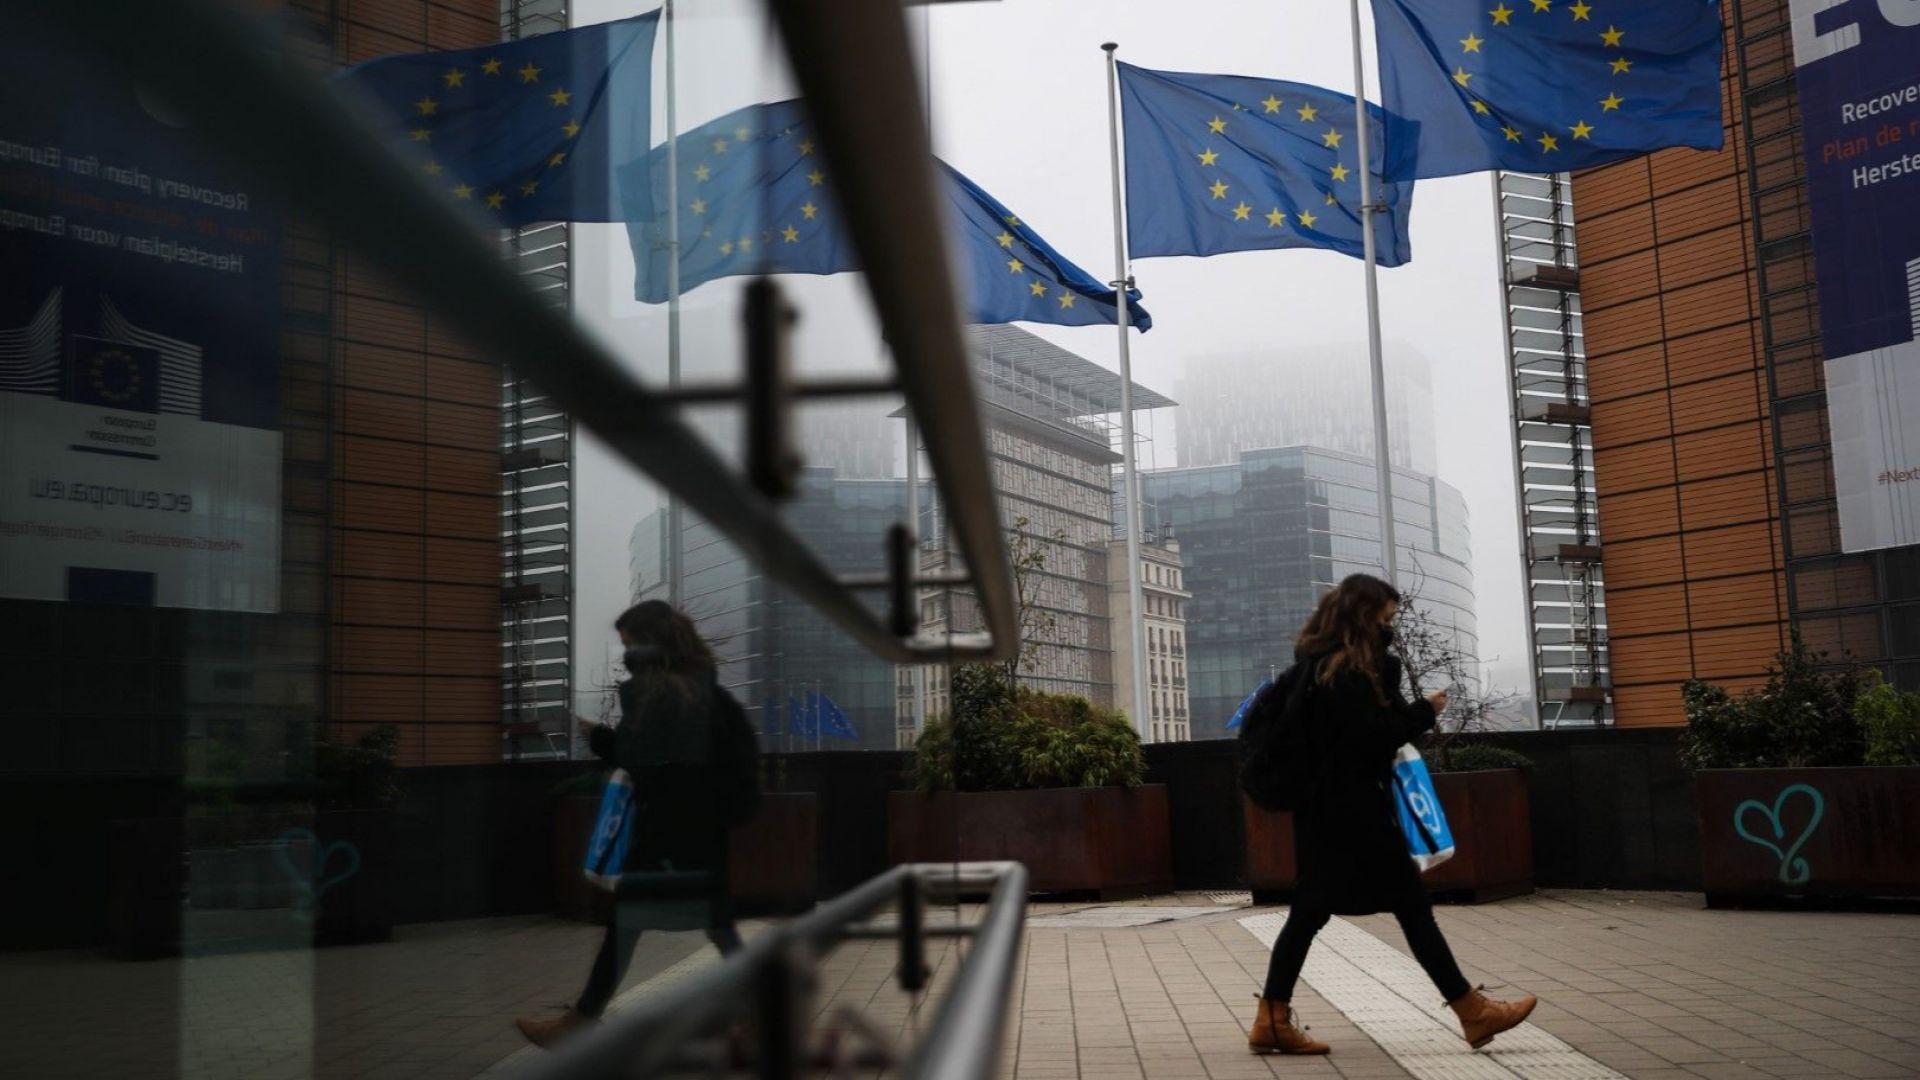 ЕС на съдбоносна среща: Ще вдигнат ли блокадата върху трилионите Полша и Унгария